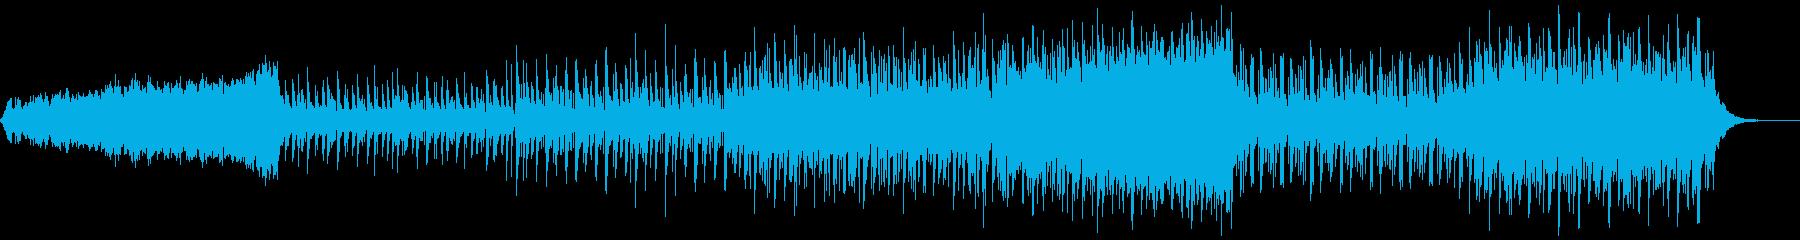 シンセサウンドと三味線のユニゾンの三拍子の再生済みの波形